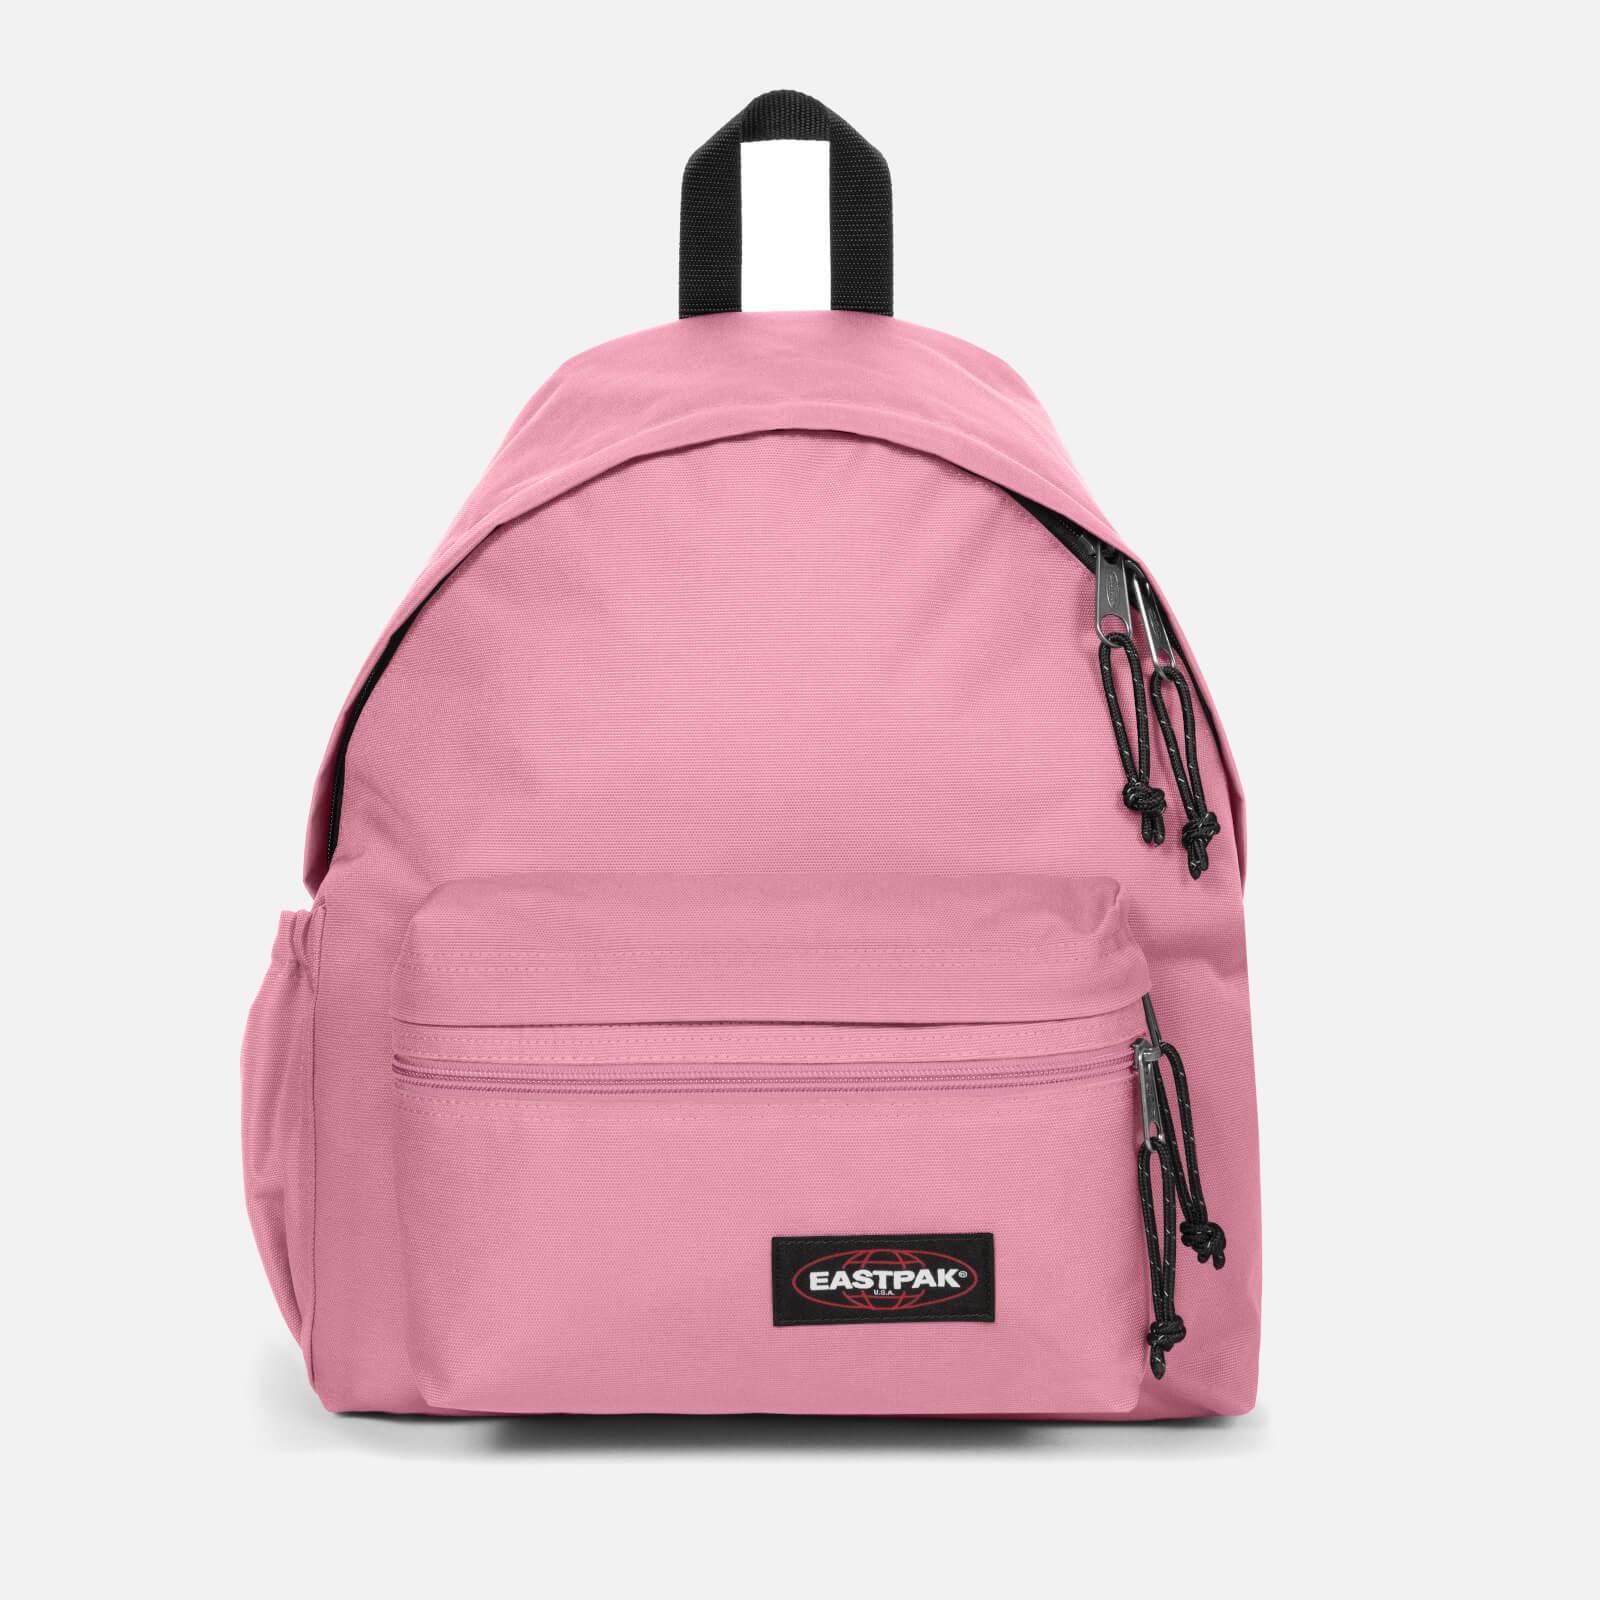 Eastpak Padded Zippl'r+ Backpack - Crystal Pink